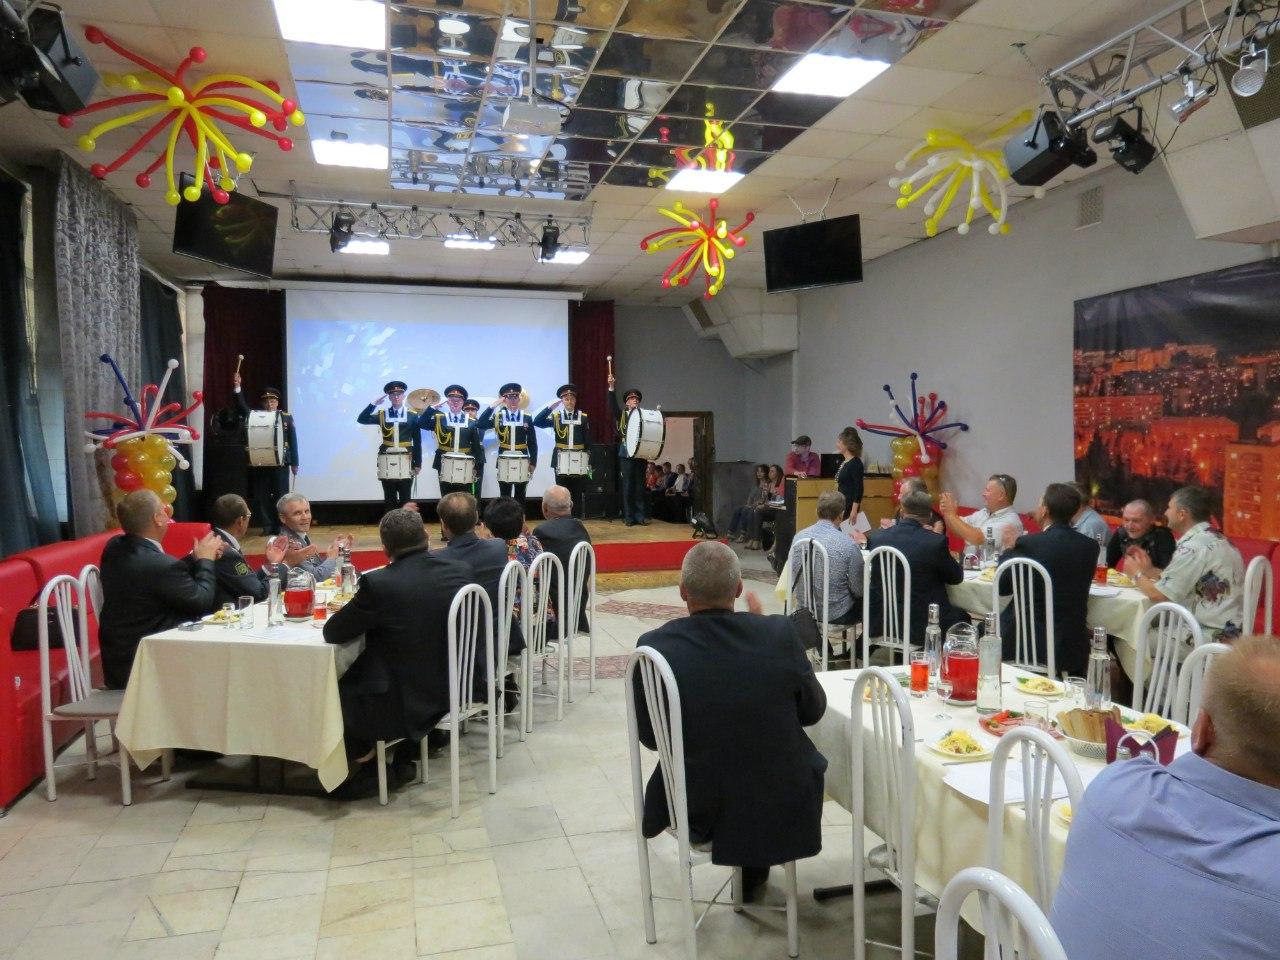 Поздравление к 80 летию гибдд от детей фото 261